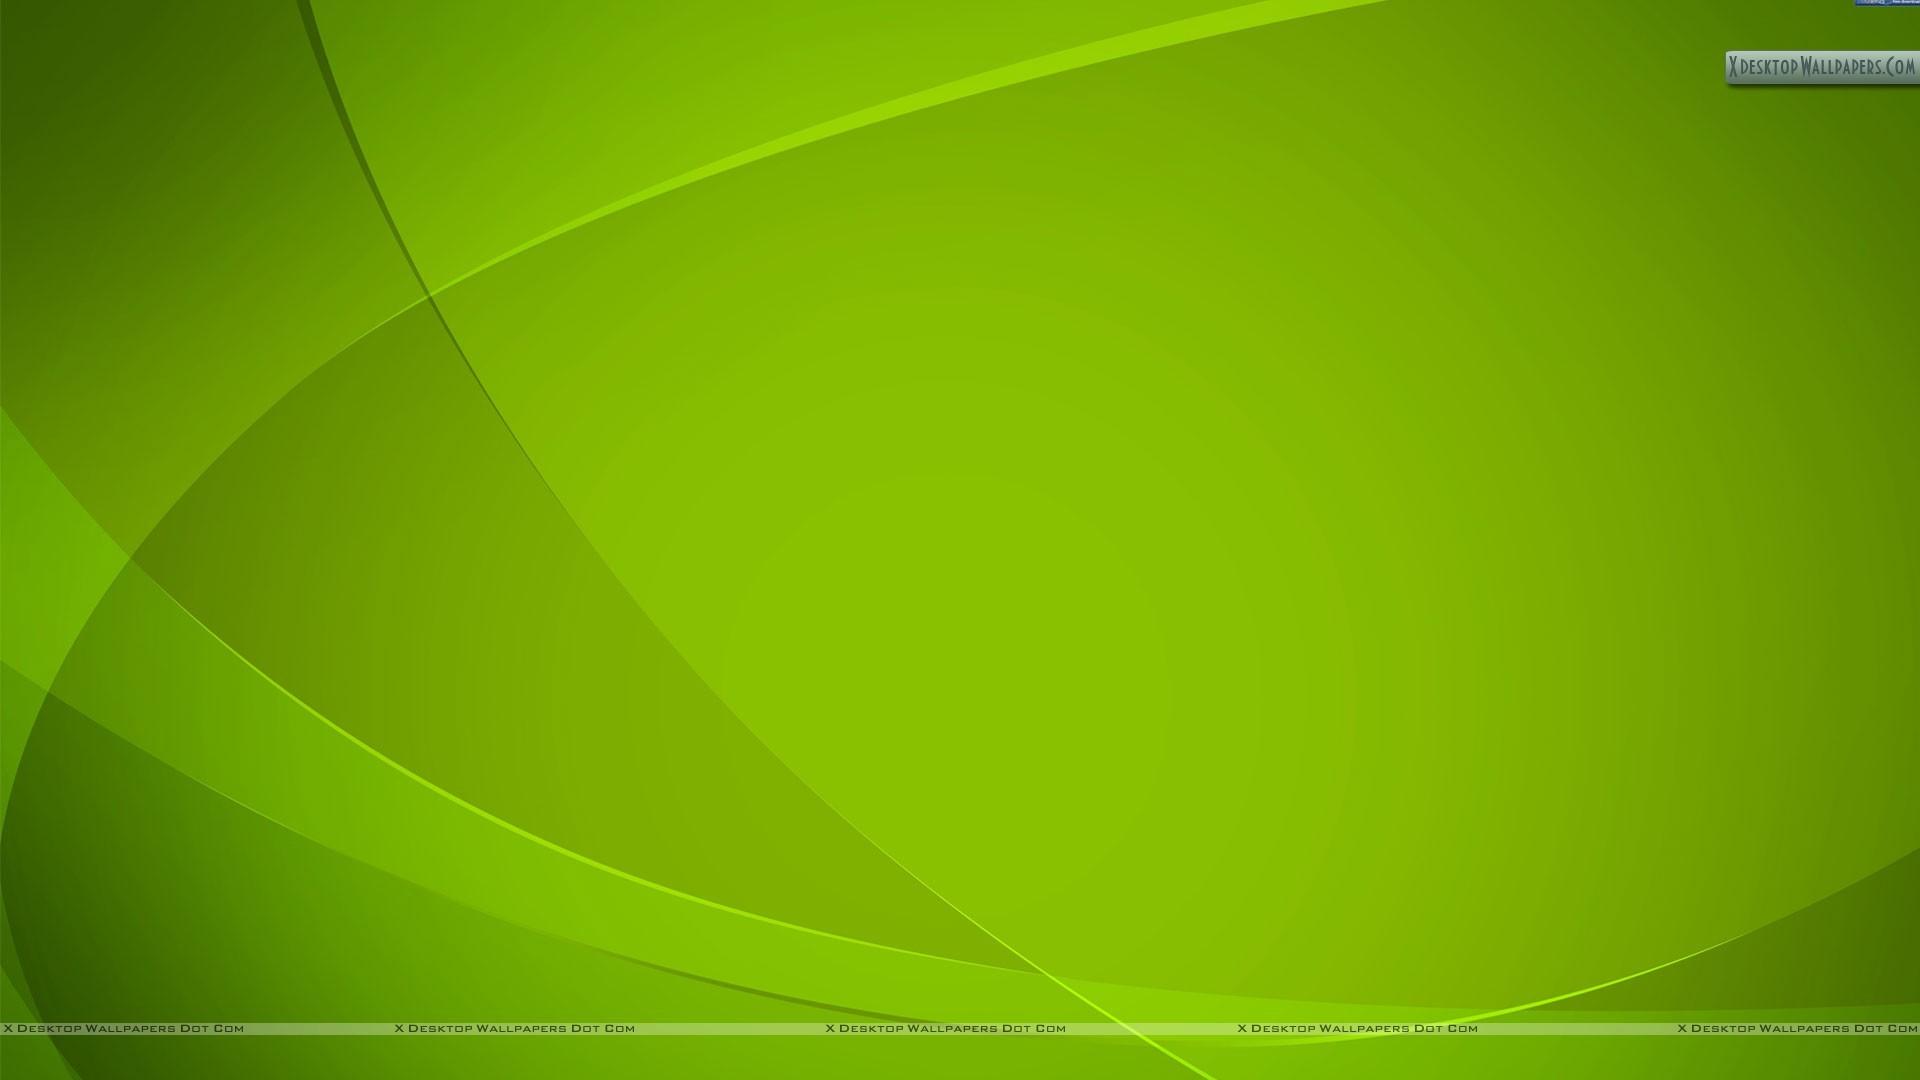 1920x1080 Green Abstract Art Wallpaper Hd Desktop 10 HD Wallpapers